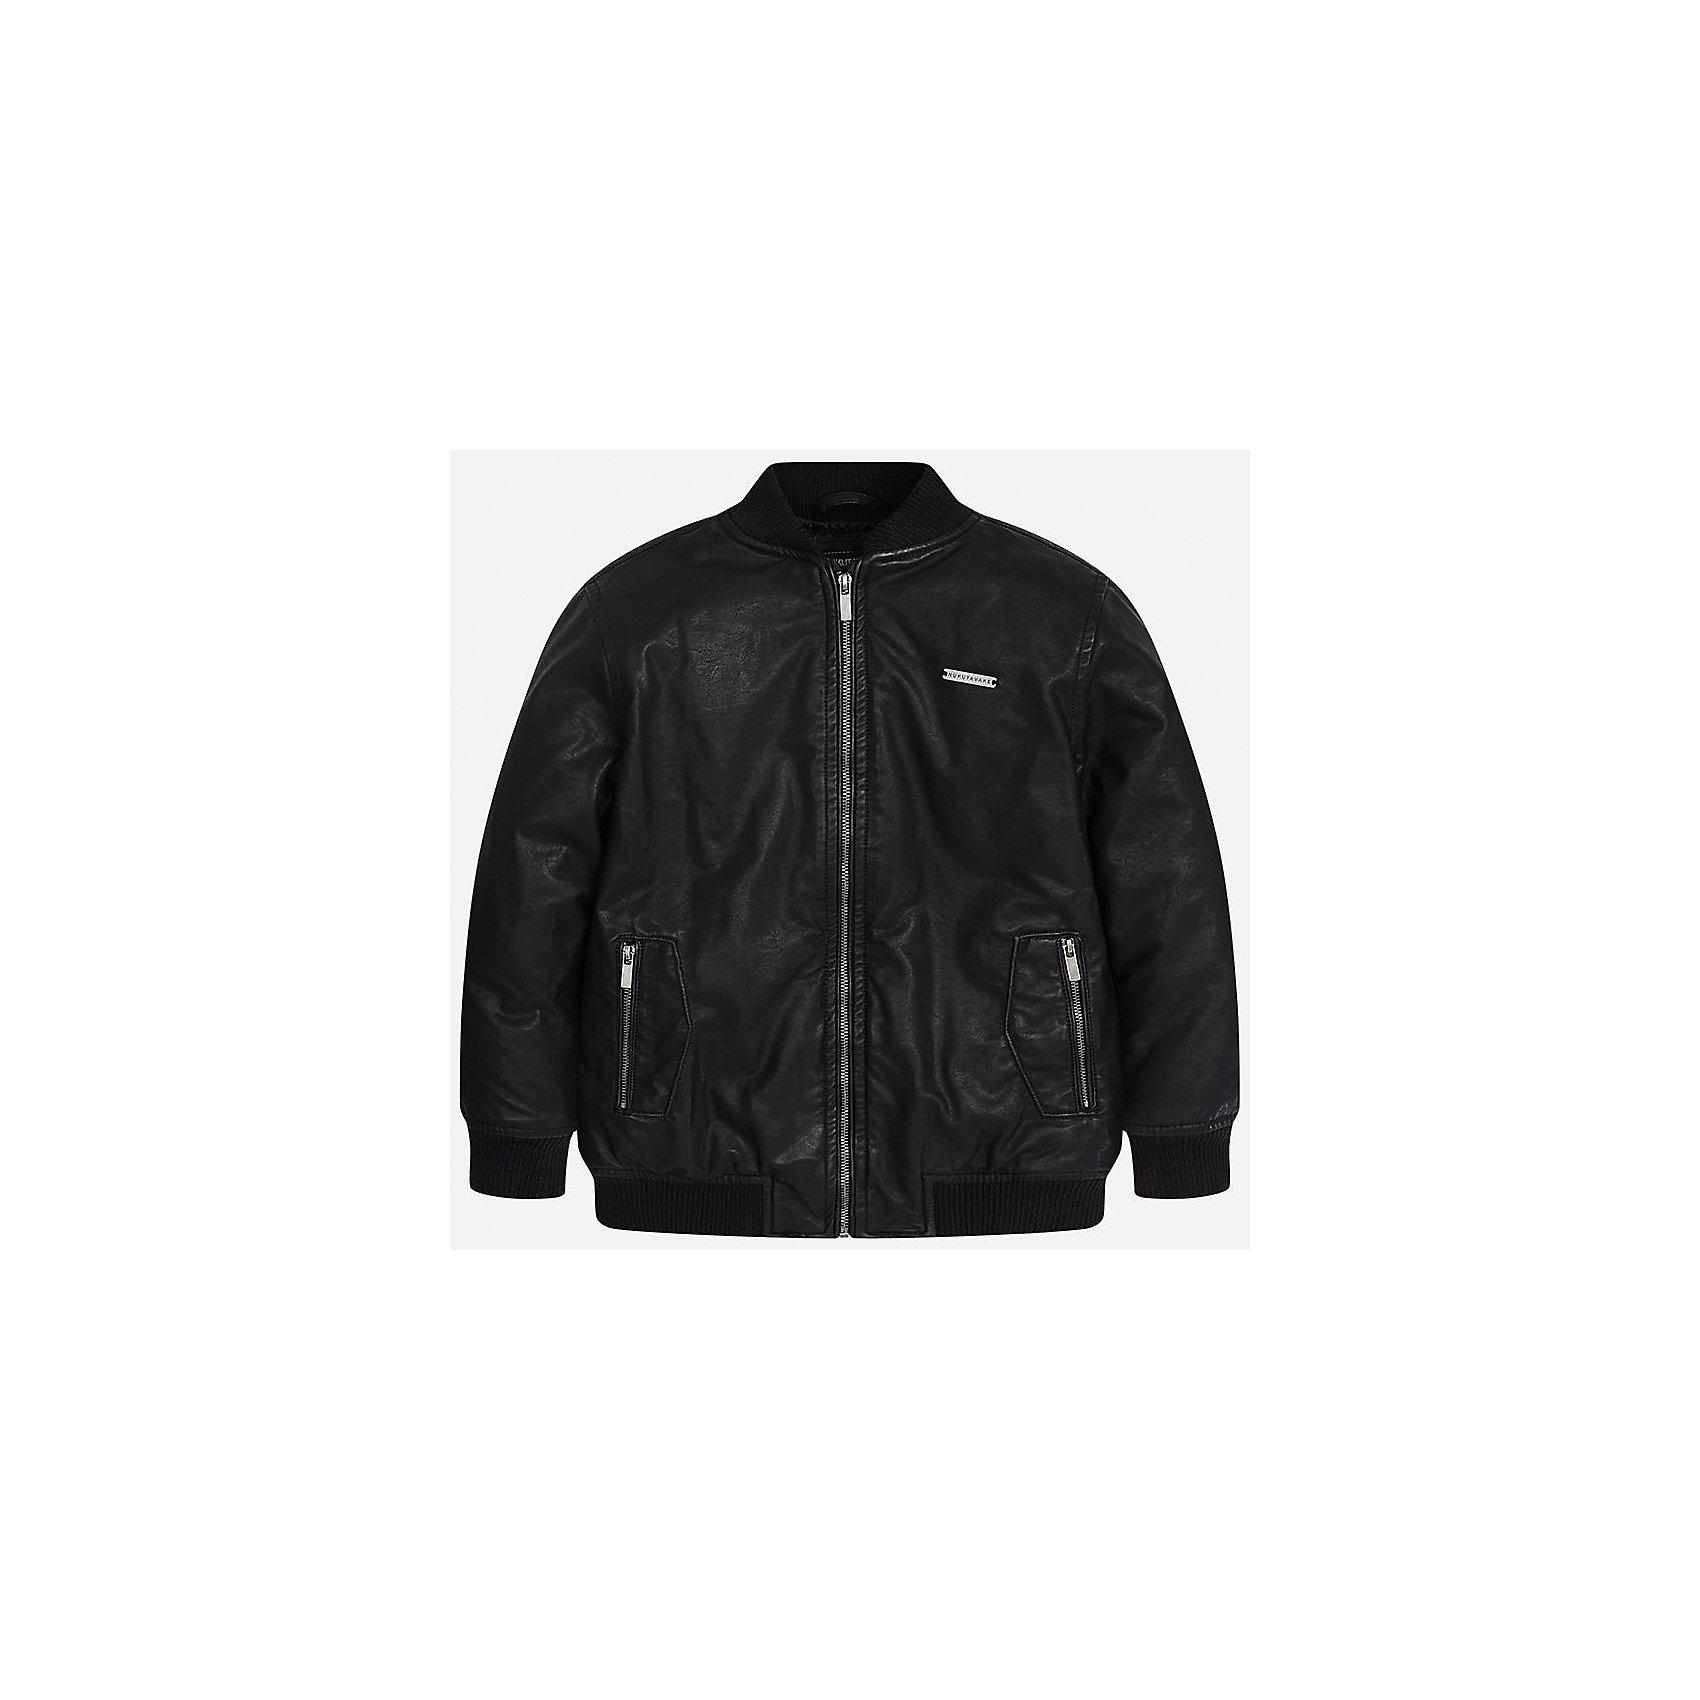 Куртка для мальчика MayoralДемисезонные куртки<br>Характеристики товара:<br><br>• цвет: черный;<br>• сезон: демисезон;<br>• температурный режим: от 0 до +10С;<br>• состав ткани: 100% полиэстер;<br>• состав подкладки: 100% полиэстер;<br>• воротник-стойка;<br>• на молнии;<br>• страна бренда: Испания;<br>• страна изготовитель: Китай.<br><br>Куртка для мальчика от популярного бренда Mayoral несомненно понравится вам и вашему ребенку. Качественные ткани, безупречное исполнение, все модели в центре модных тенденций.  <br><br>Легкая и стильная куртка на молнии с карманами дополнена эластичными широкими манжетами на рукавах, вороте и снизу. Застегивается на безопасную молнию. Грамотный крой изделия обеспечивает отличную посадку по фигуре. Современная и элегантная модель выгодно сочитается с любыми предметами детского гардероба.<br><br>Куртку  для мальчика Mayoral (Майорал) можно купить в нашем интернет-магазине.<br><br>Ширина мм: 356<br>Глубина мм: 10<br>Высота мм: 245<br>Вес г: 519<br>Цвет: черный<br>Возраст от месяцев: 168<br>Возраст до месяцев: 180<br>Пол: Мужской<br>Возраст: Детский<br>Размер: 170,128/134,140,152,158,164<br>SKU: 6938873